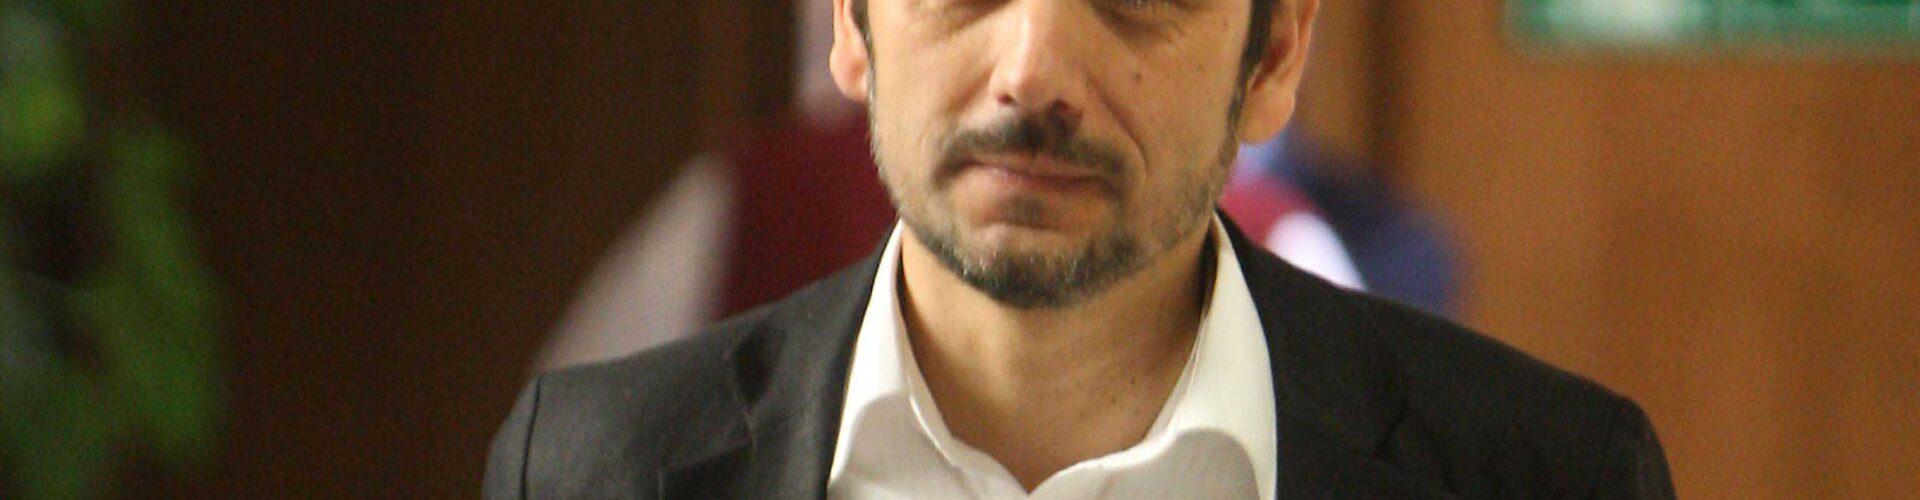 """Daniel Núñez por SQM: """"Es una mala señal para los casos de corrupción""""."""